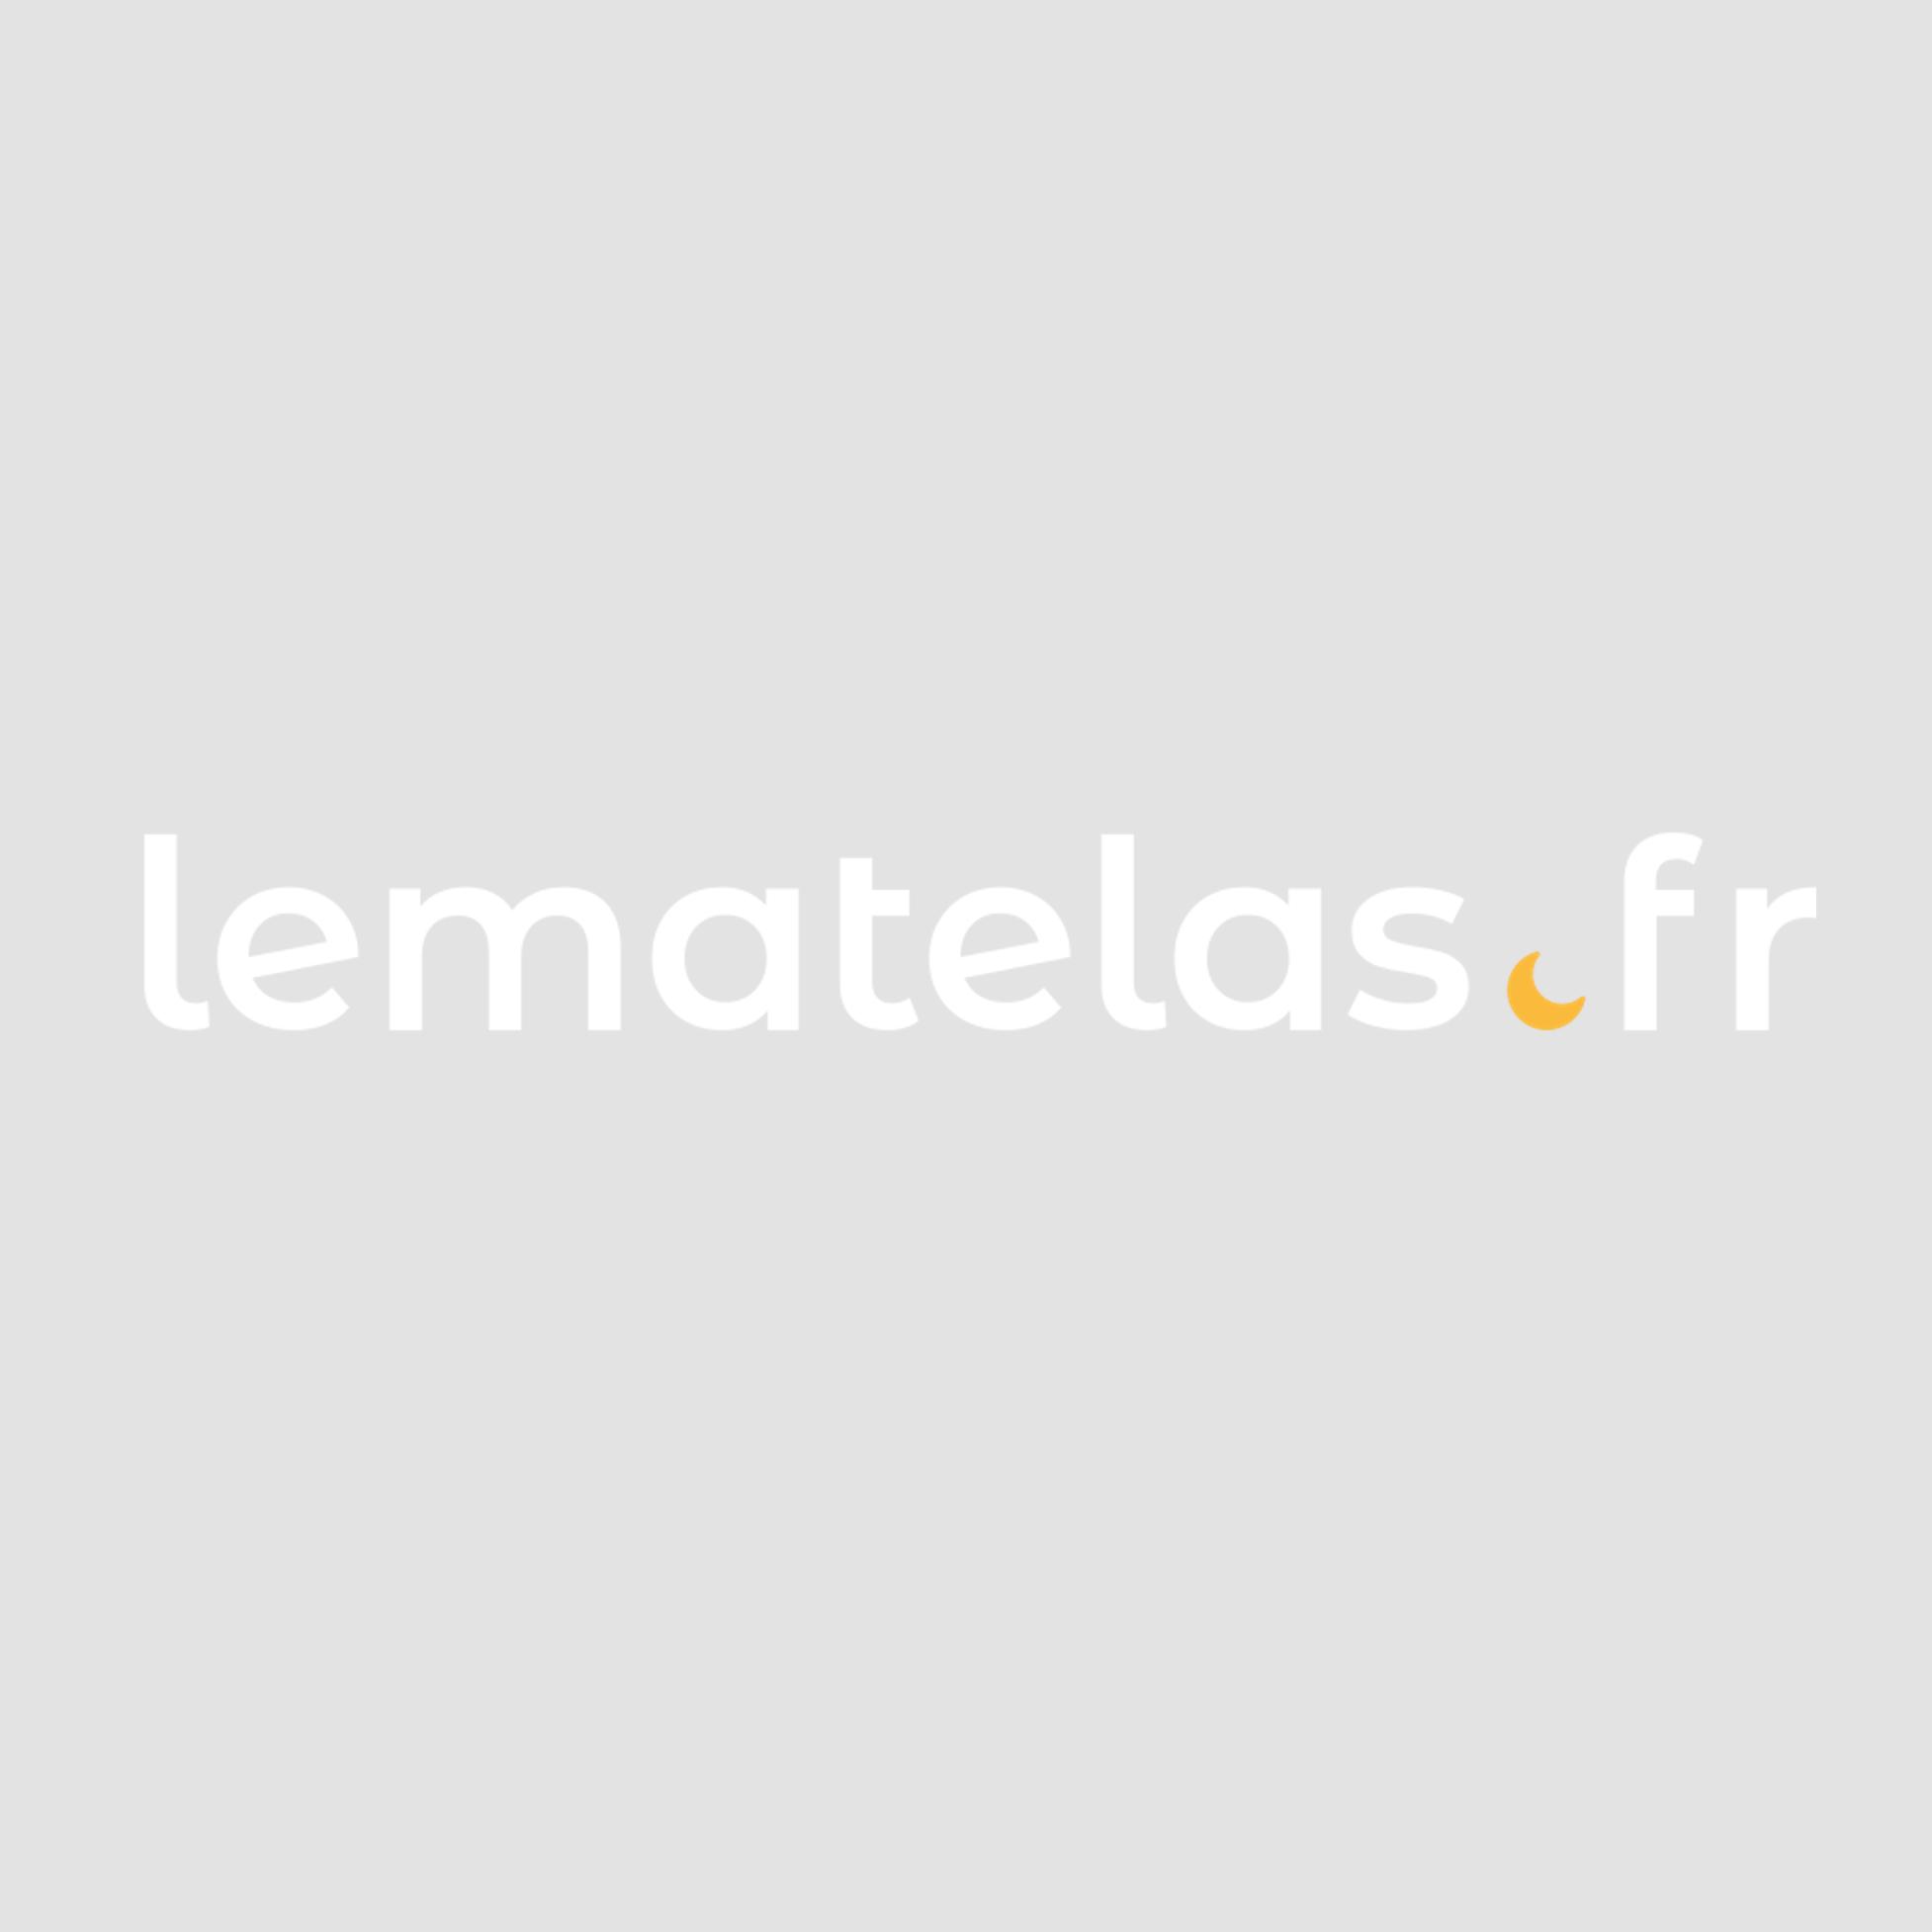 Chambre complète en bois blanc et chêne jackson - CB1036-3